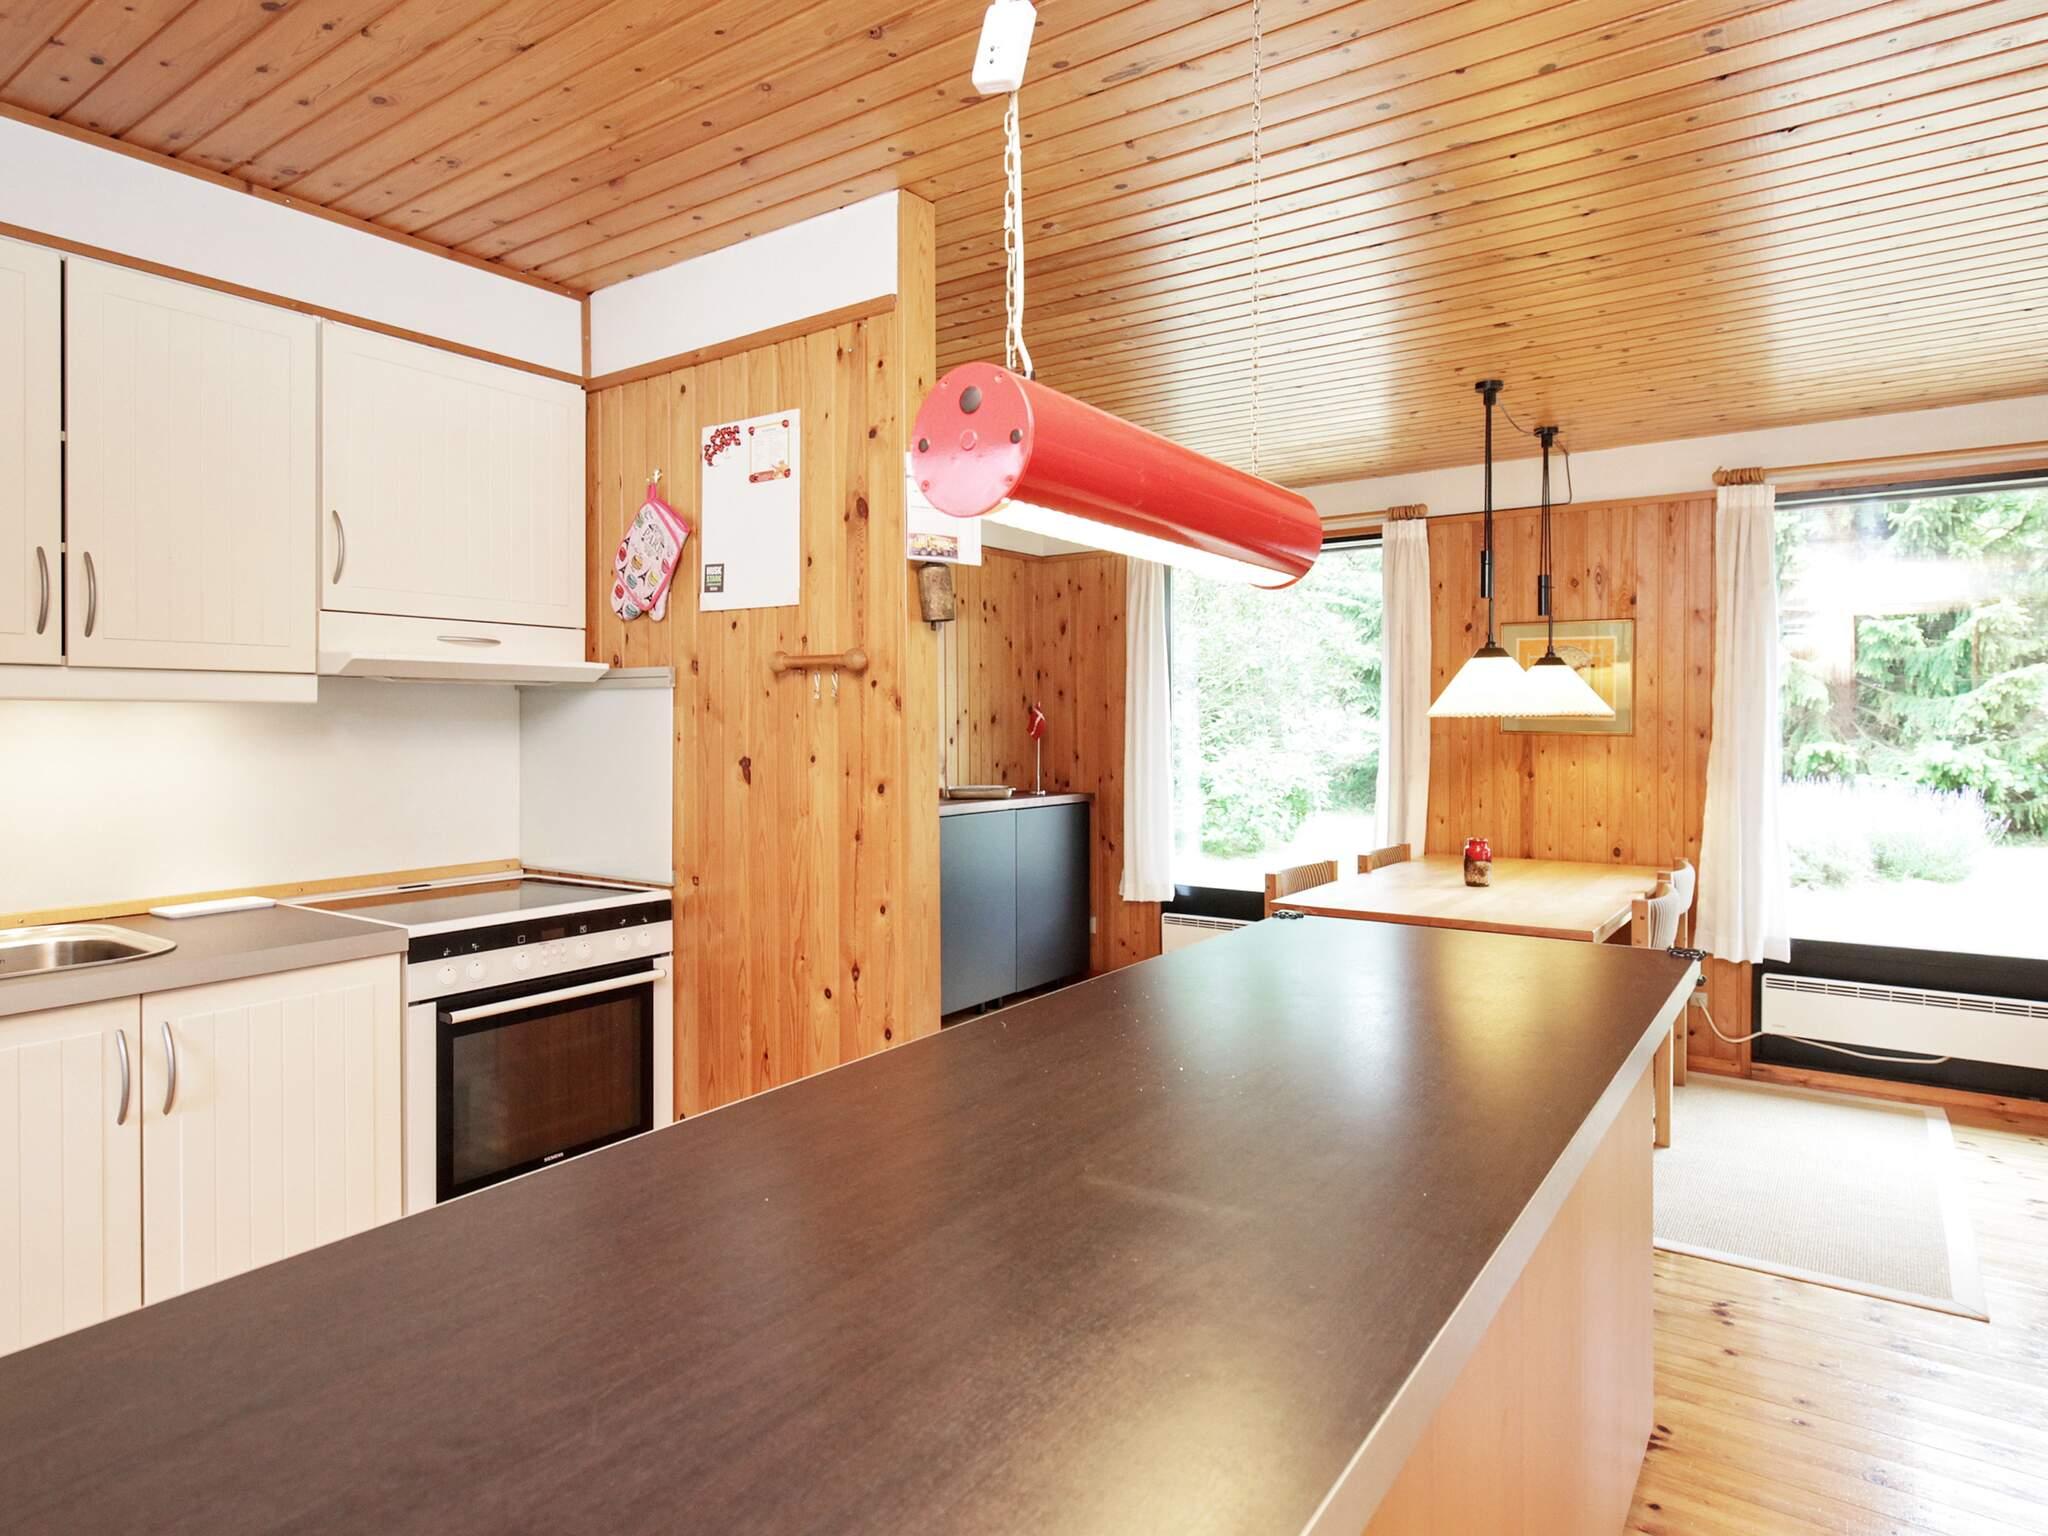 Ferienhaus Røsnæs/Vollerup (2639811), Kalundborg, , Westseeland, Dänemark, Bild 12